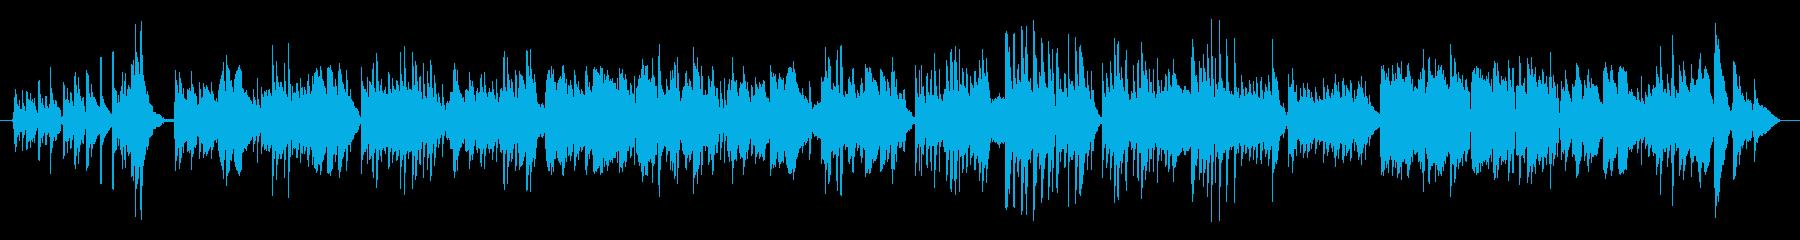 ギターとアコーディオンのデュオによる楽…の再生済みの波形